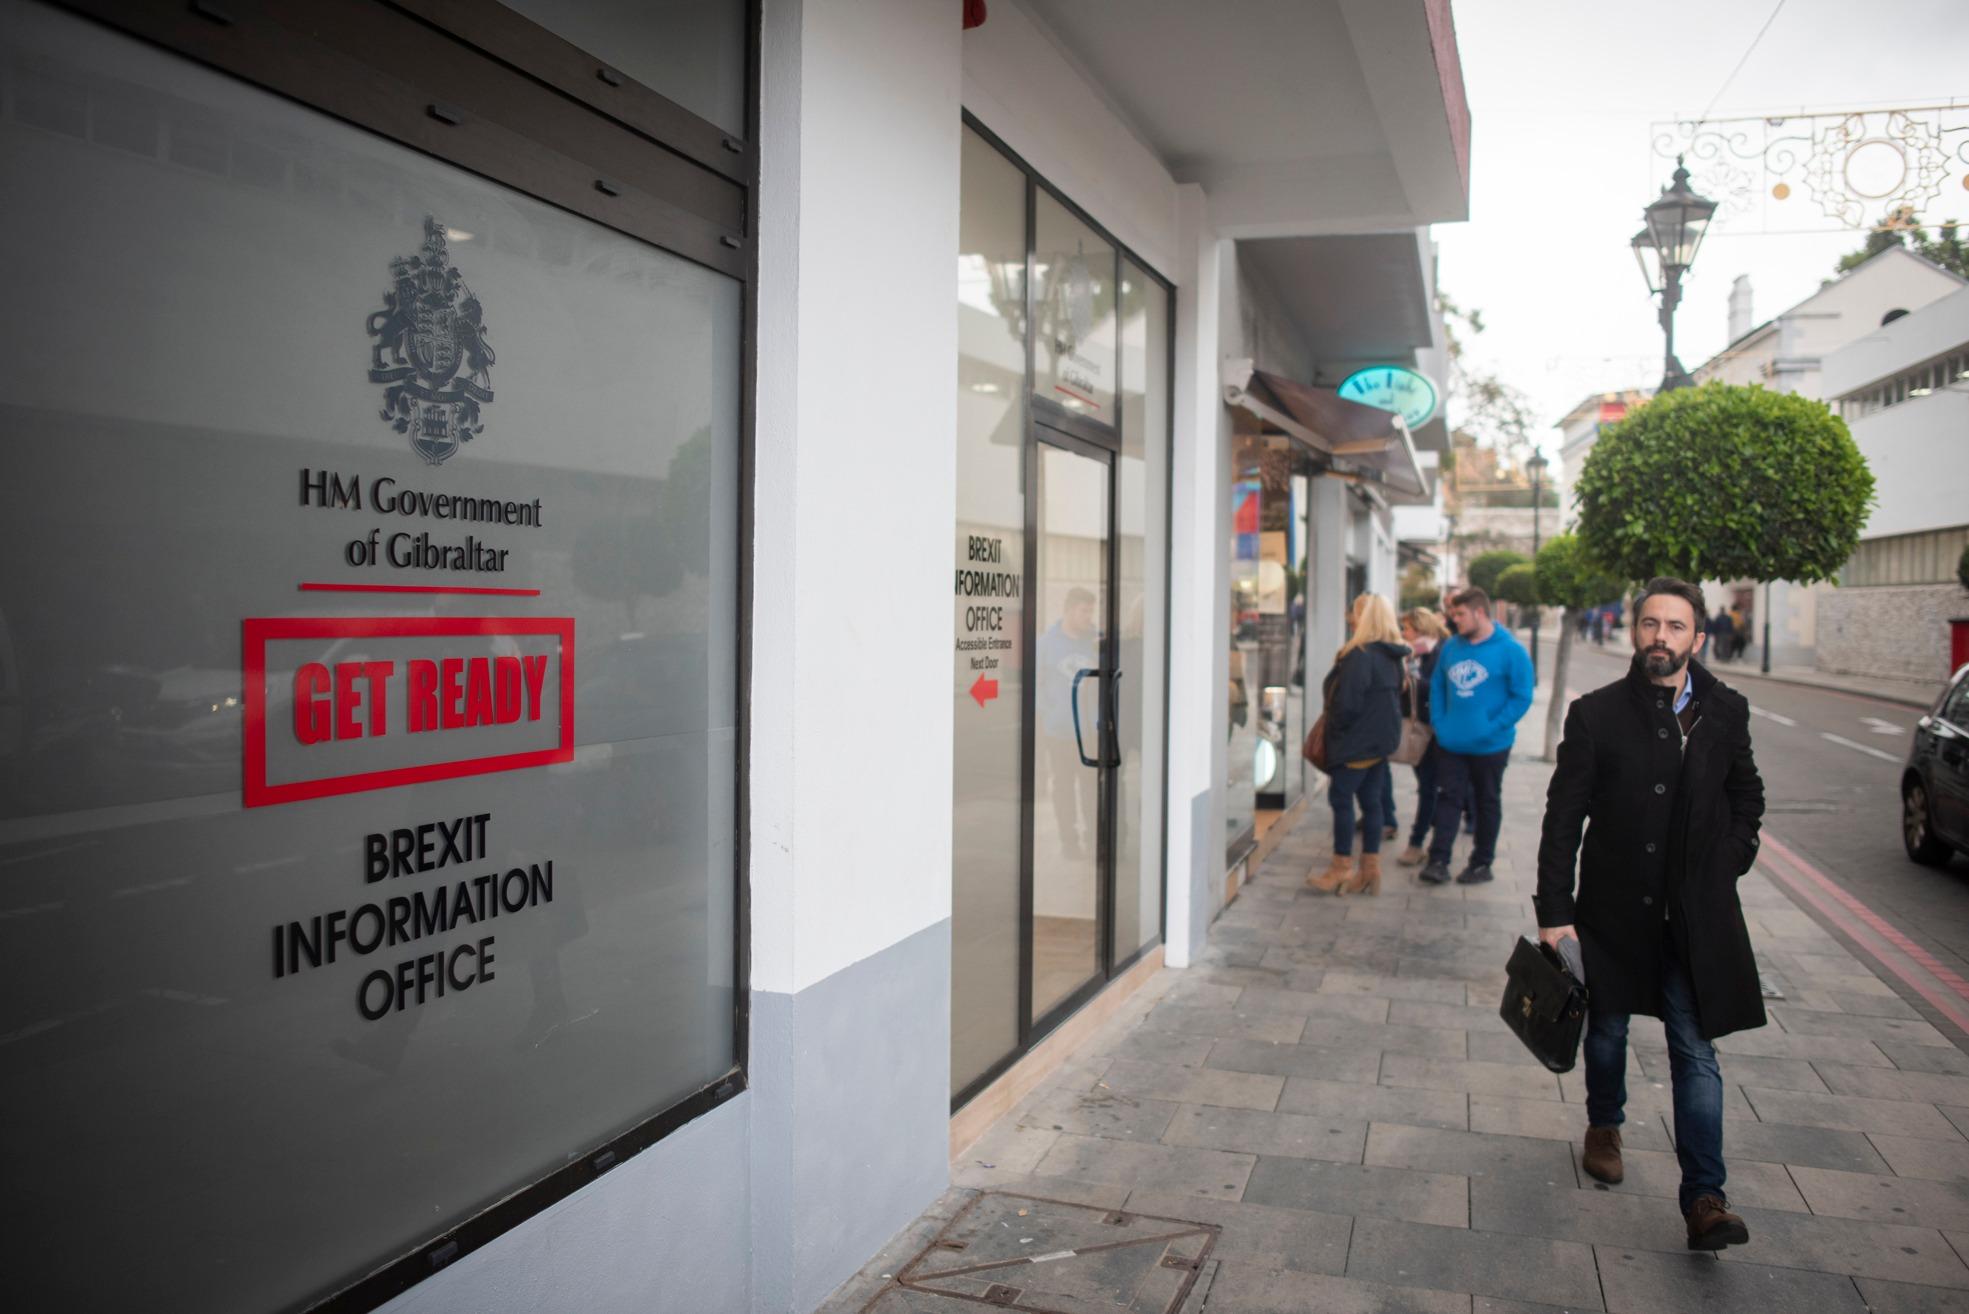 Un ciudadano pasa junto a la Oficina del Brexit. Marcos Moreno